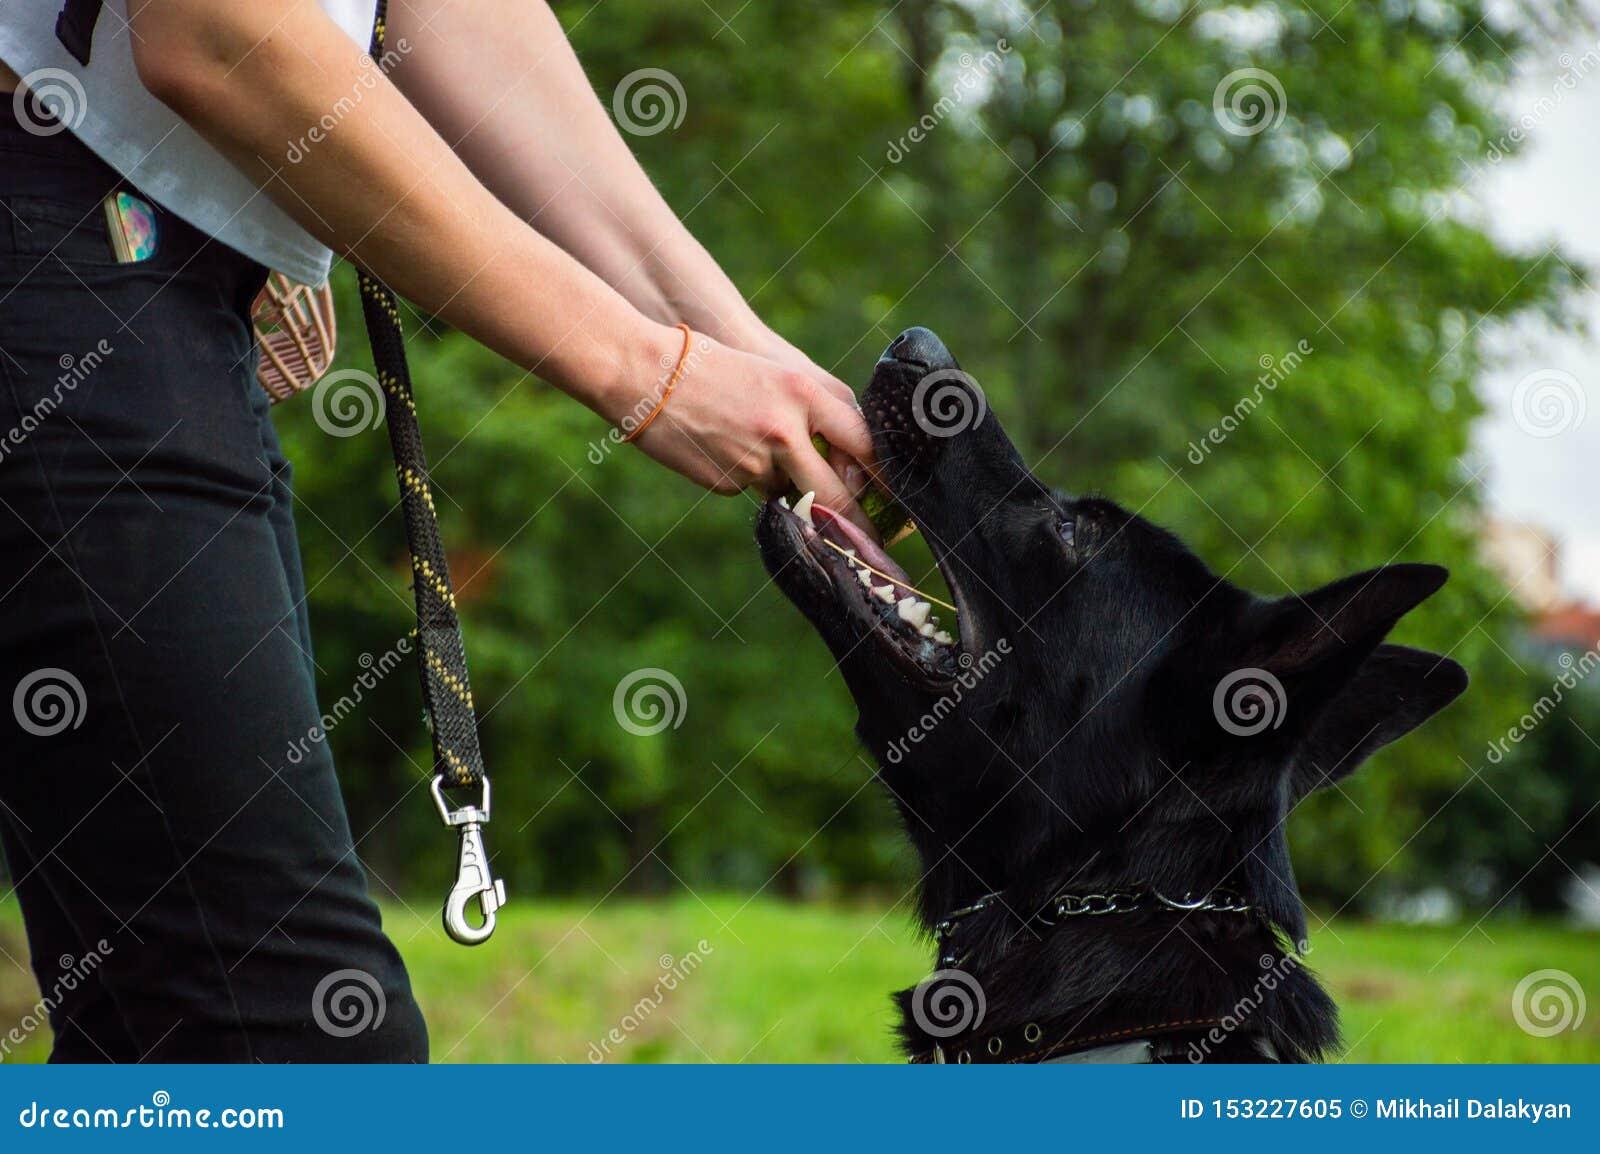 Hand die van anonieme persoon aan het weghalen van tennisbal proberen van leuke hond Duitse herder terwijl het spelen in park op